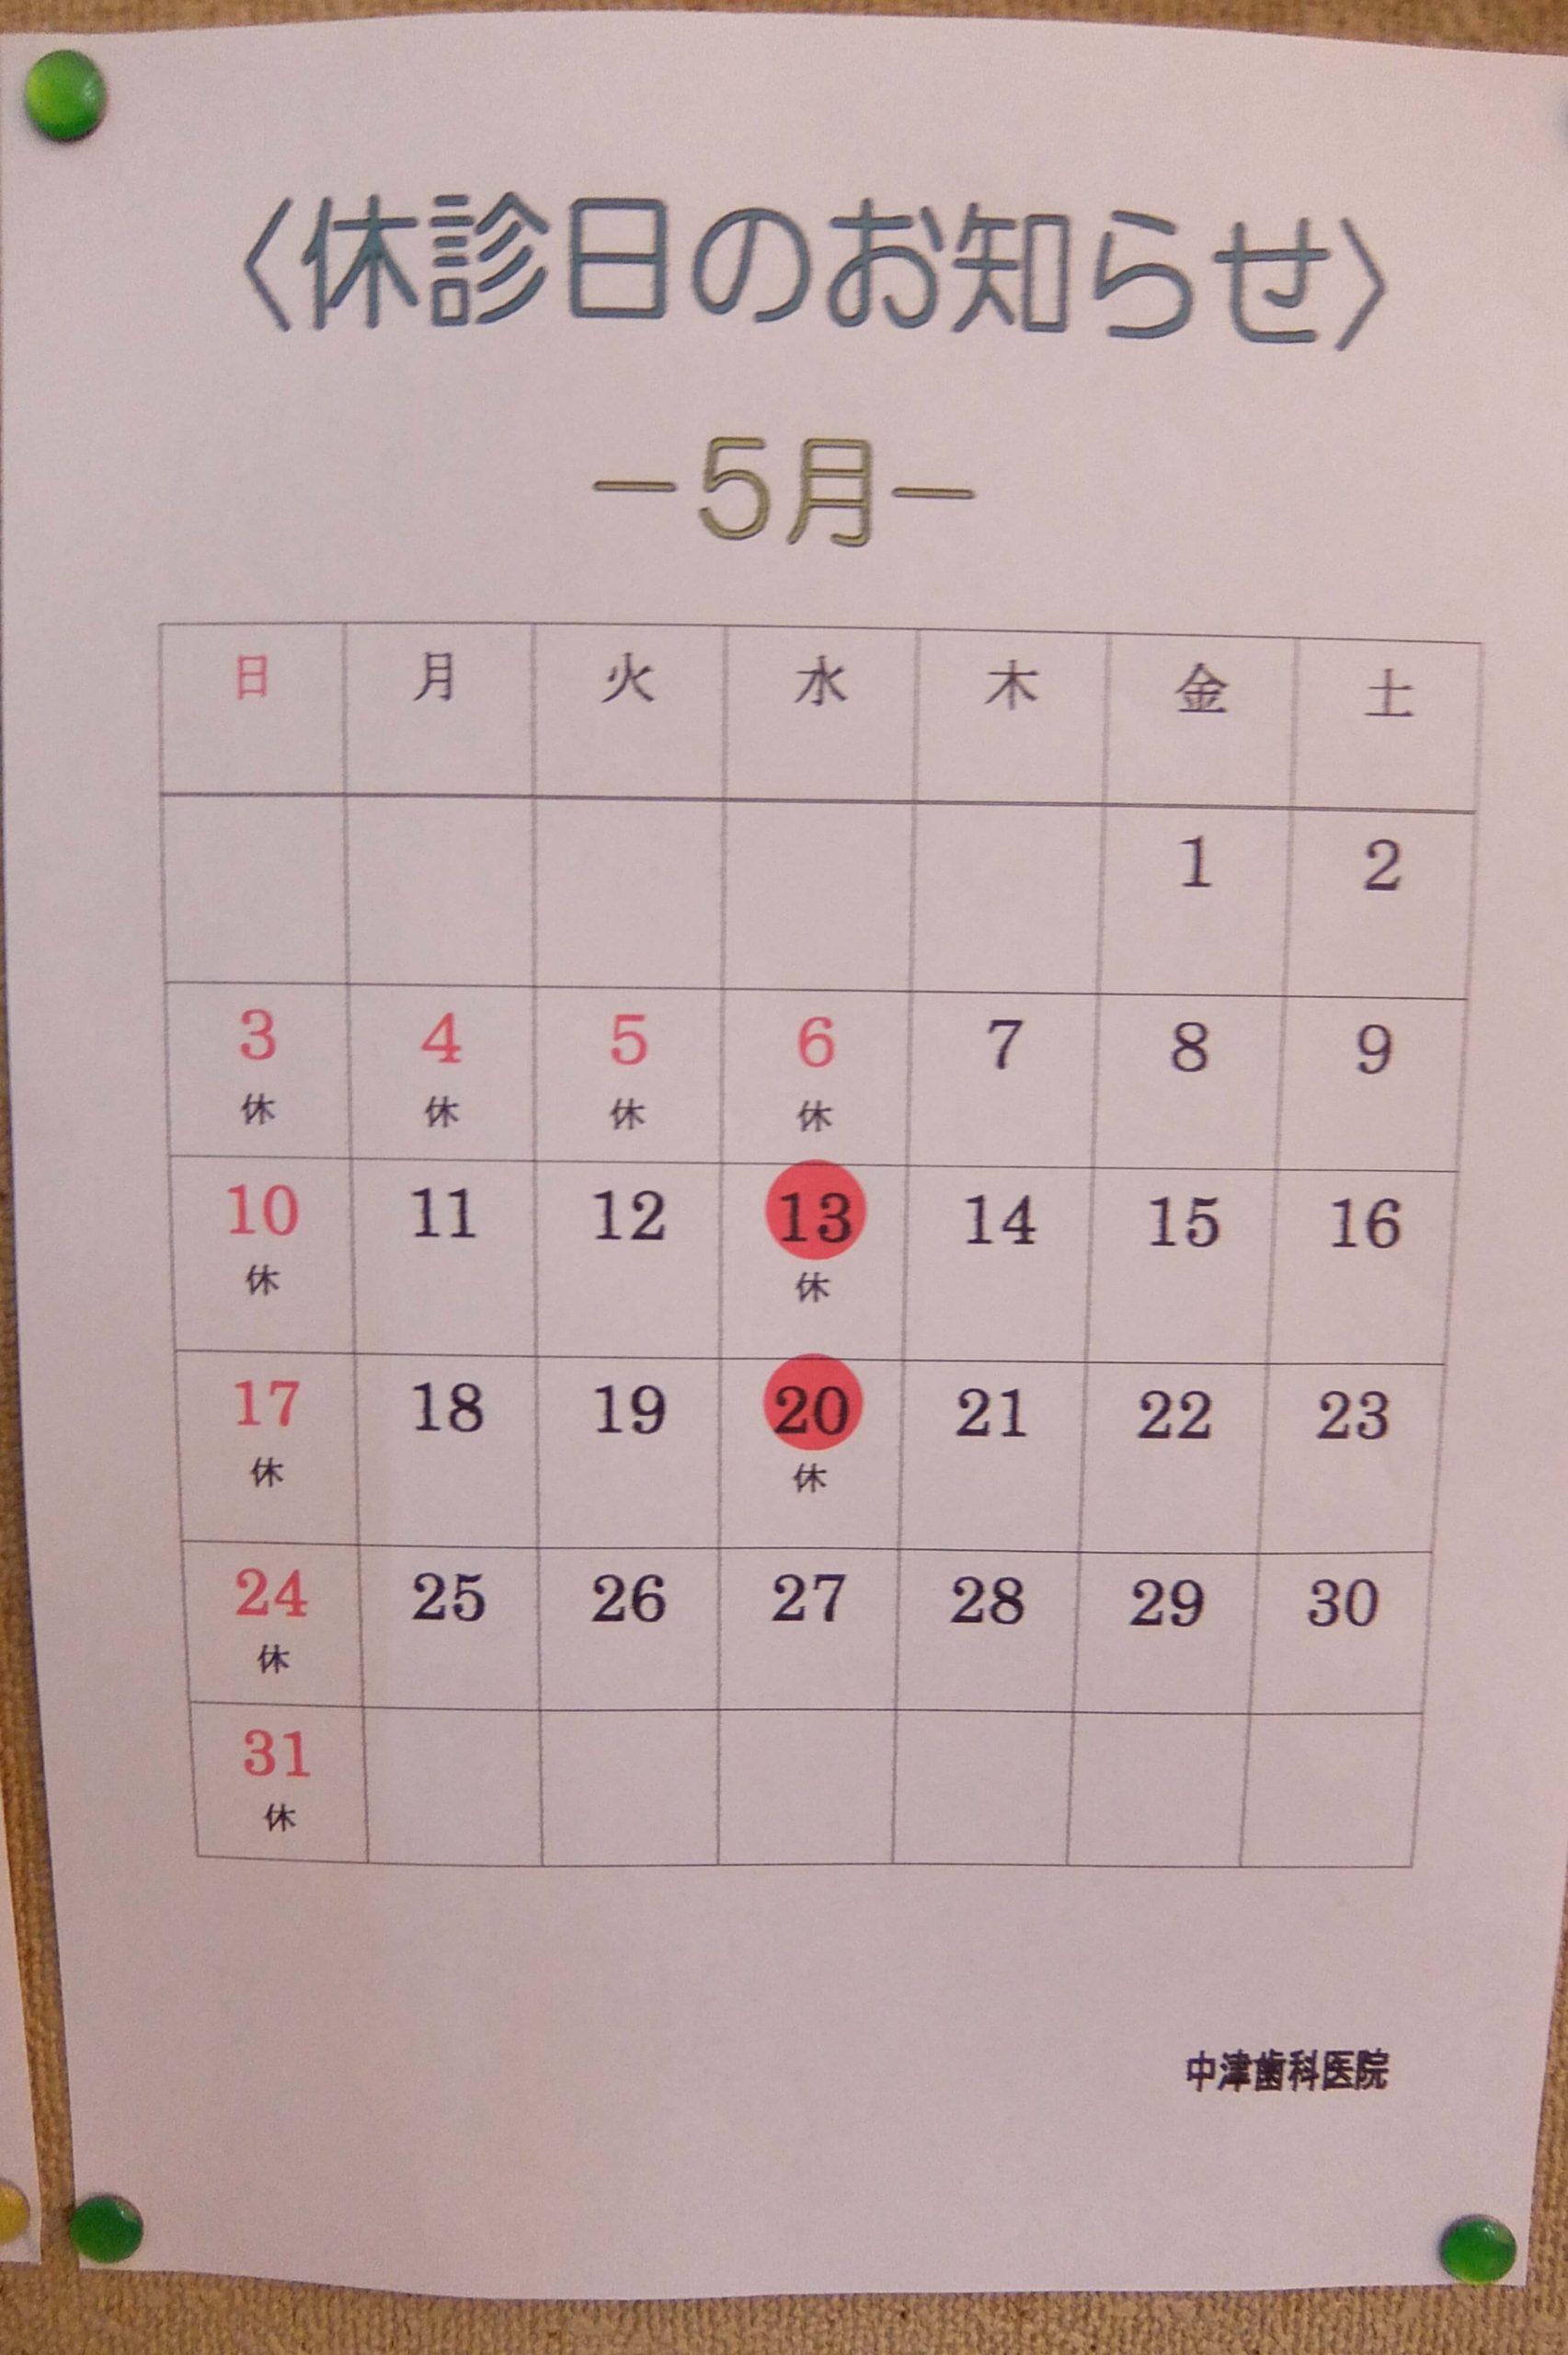 5月度 カレンダー